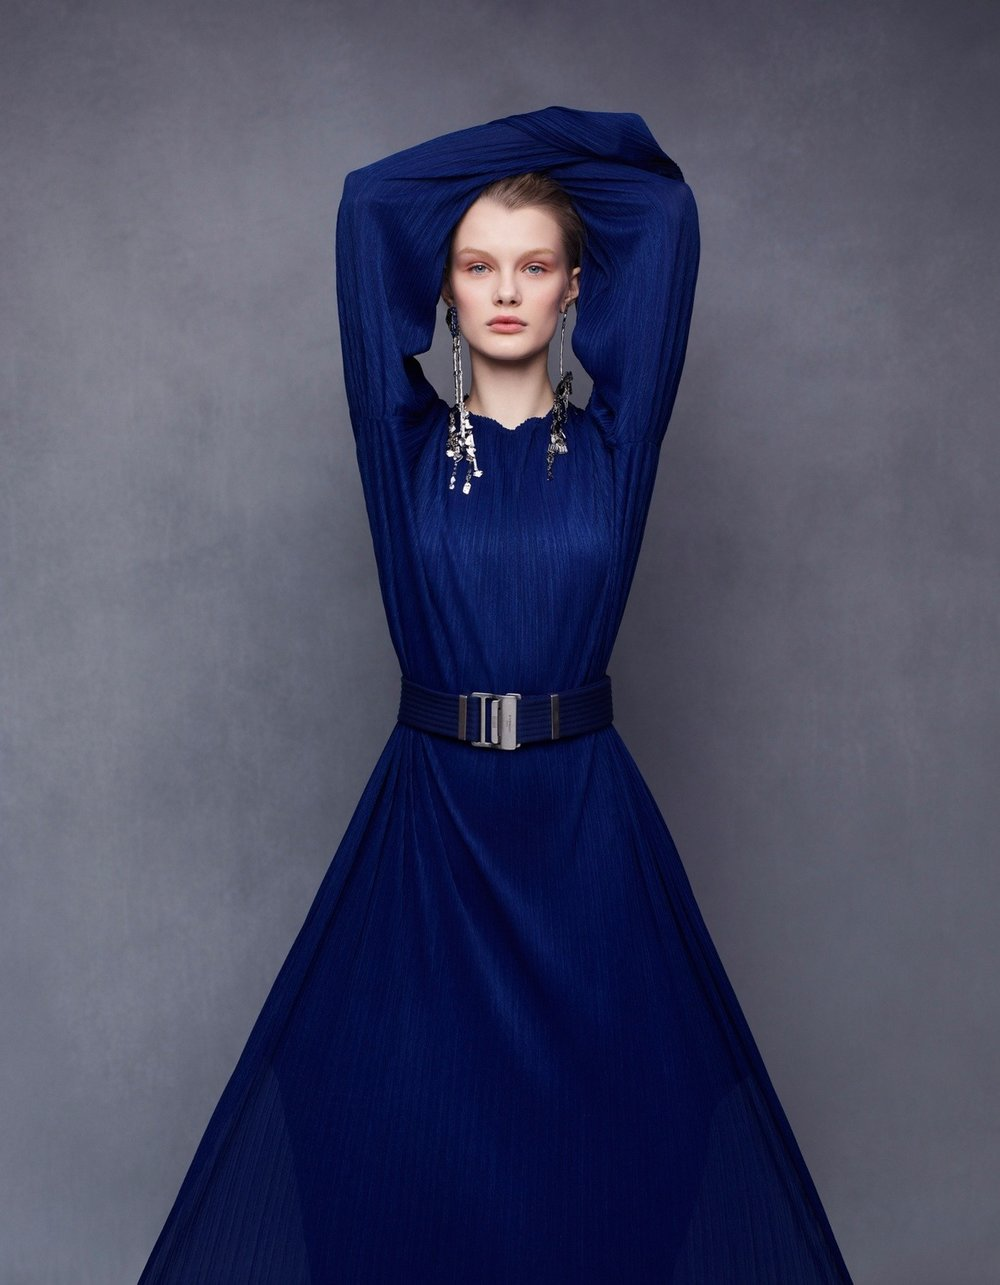 Kris Grikaite by Solve Sundsbo for Vogue China Jan 2019 (6).jpg